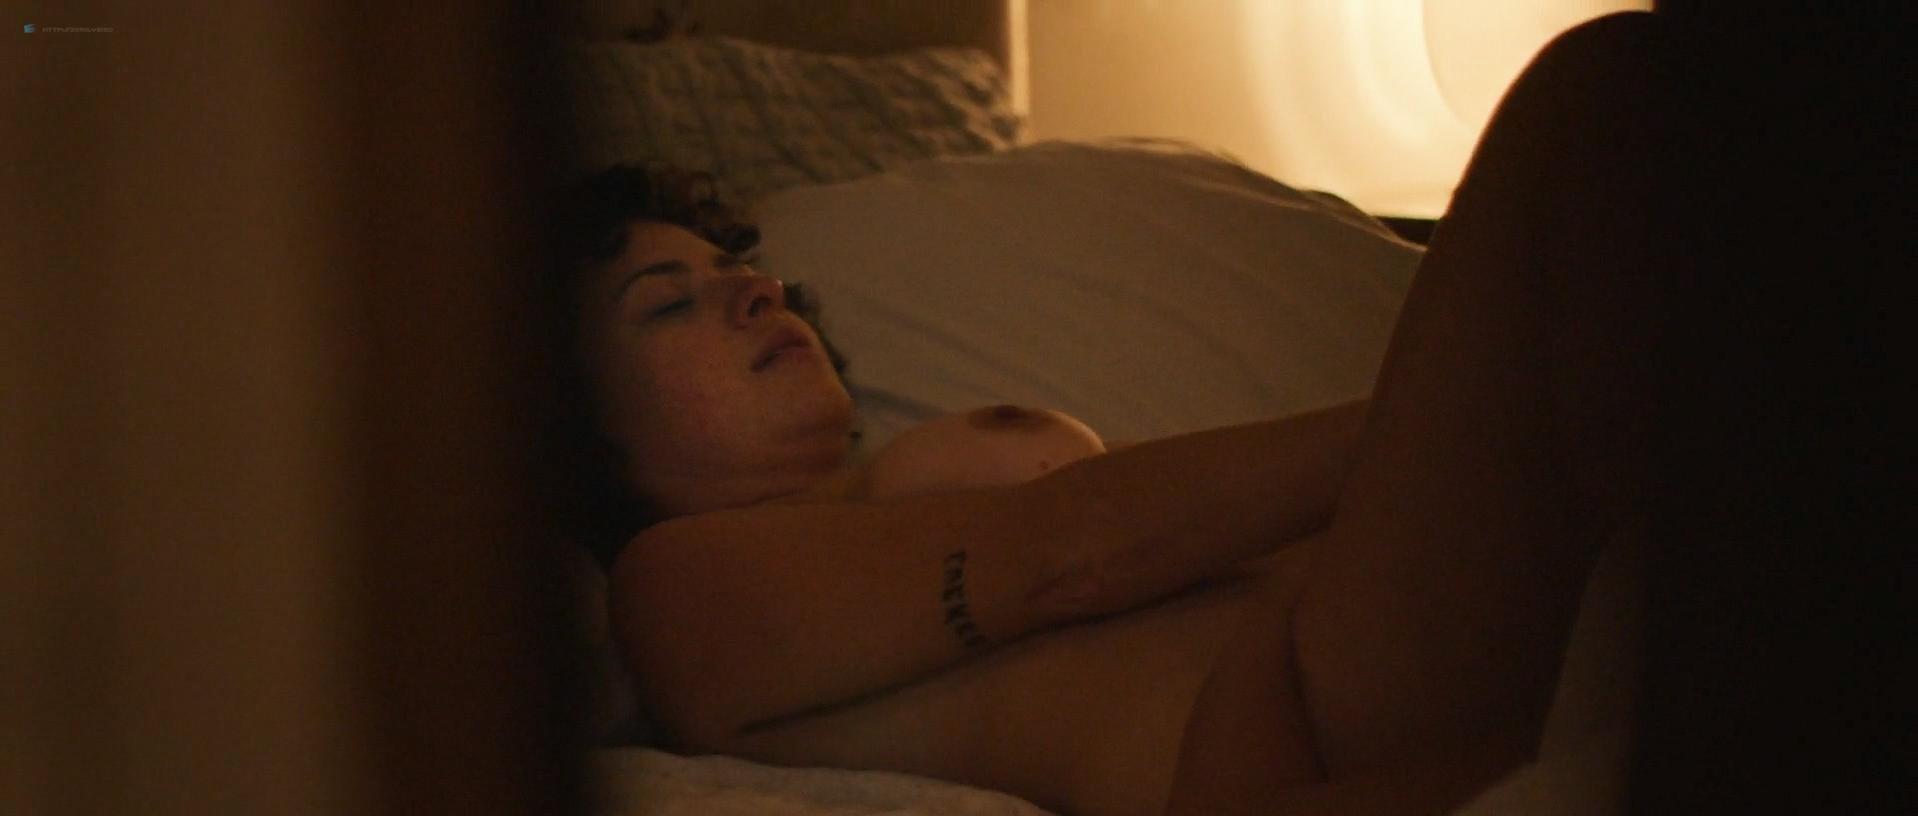 Alia Shawkat nude, Laia Costa nude - Duck Butter (2018)